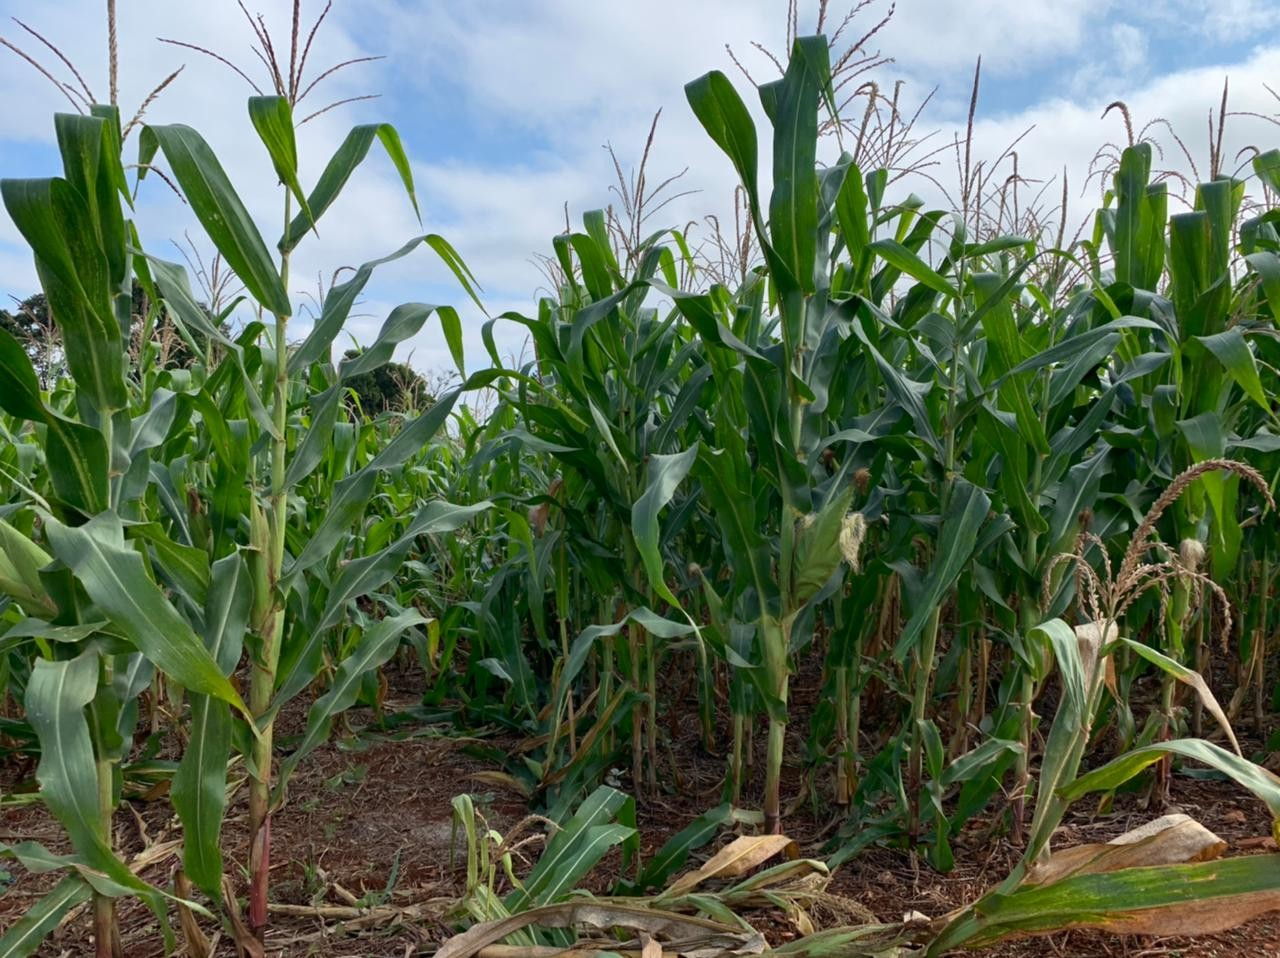 Plantação de milho do Colégio Agrícola é alvo de furto em Foz do Iguaçu